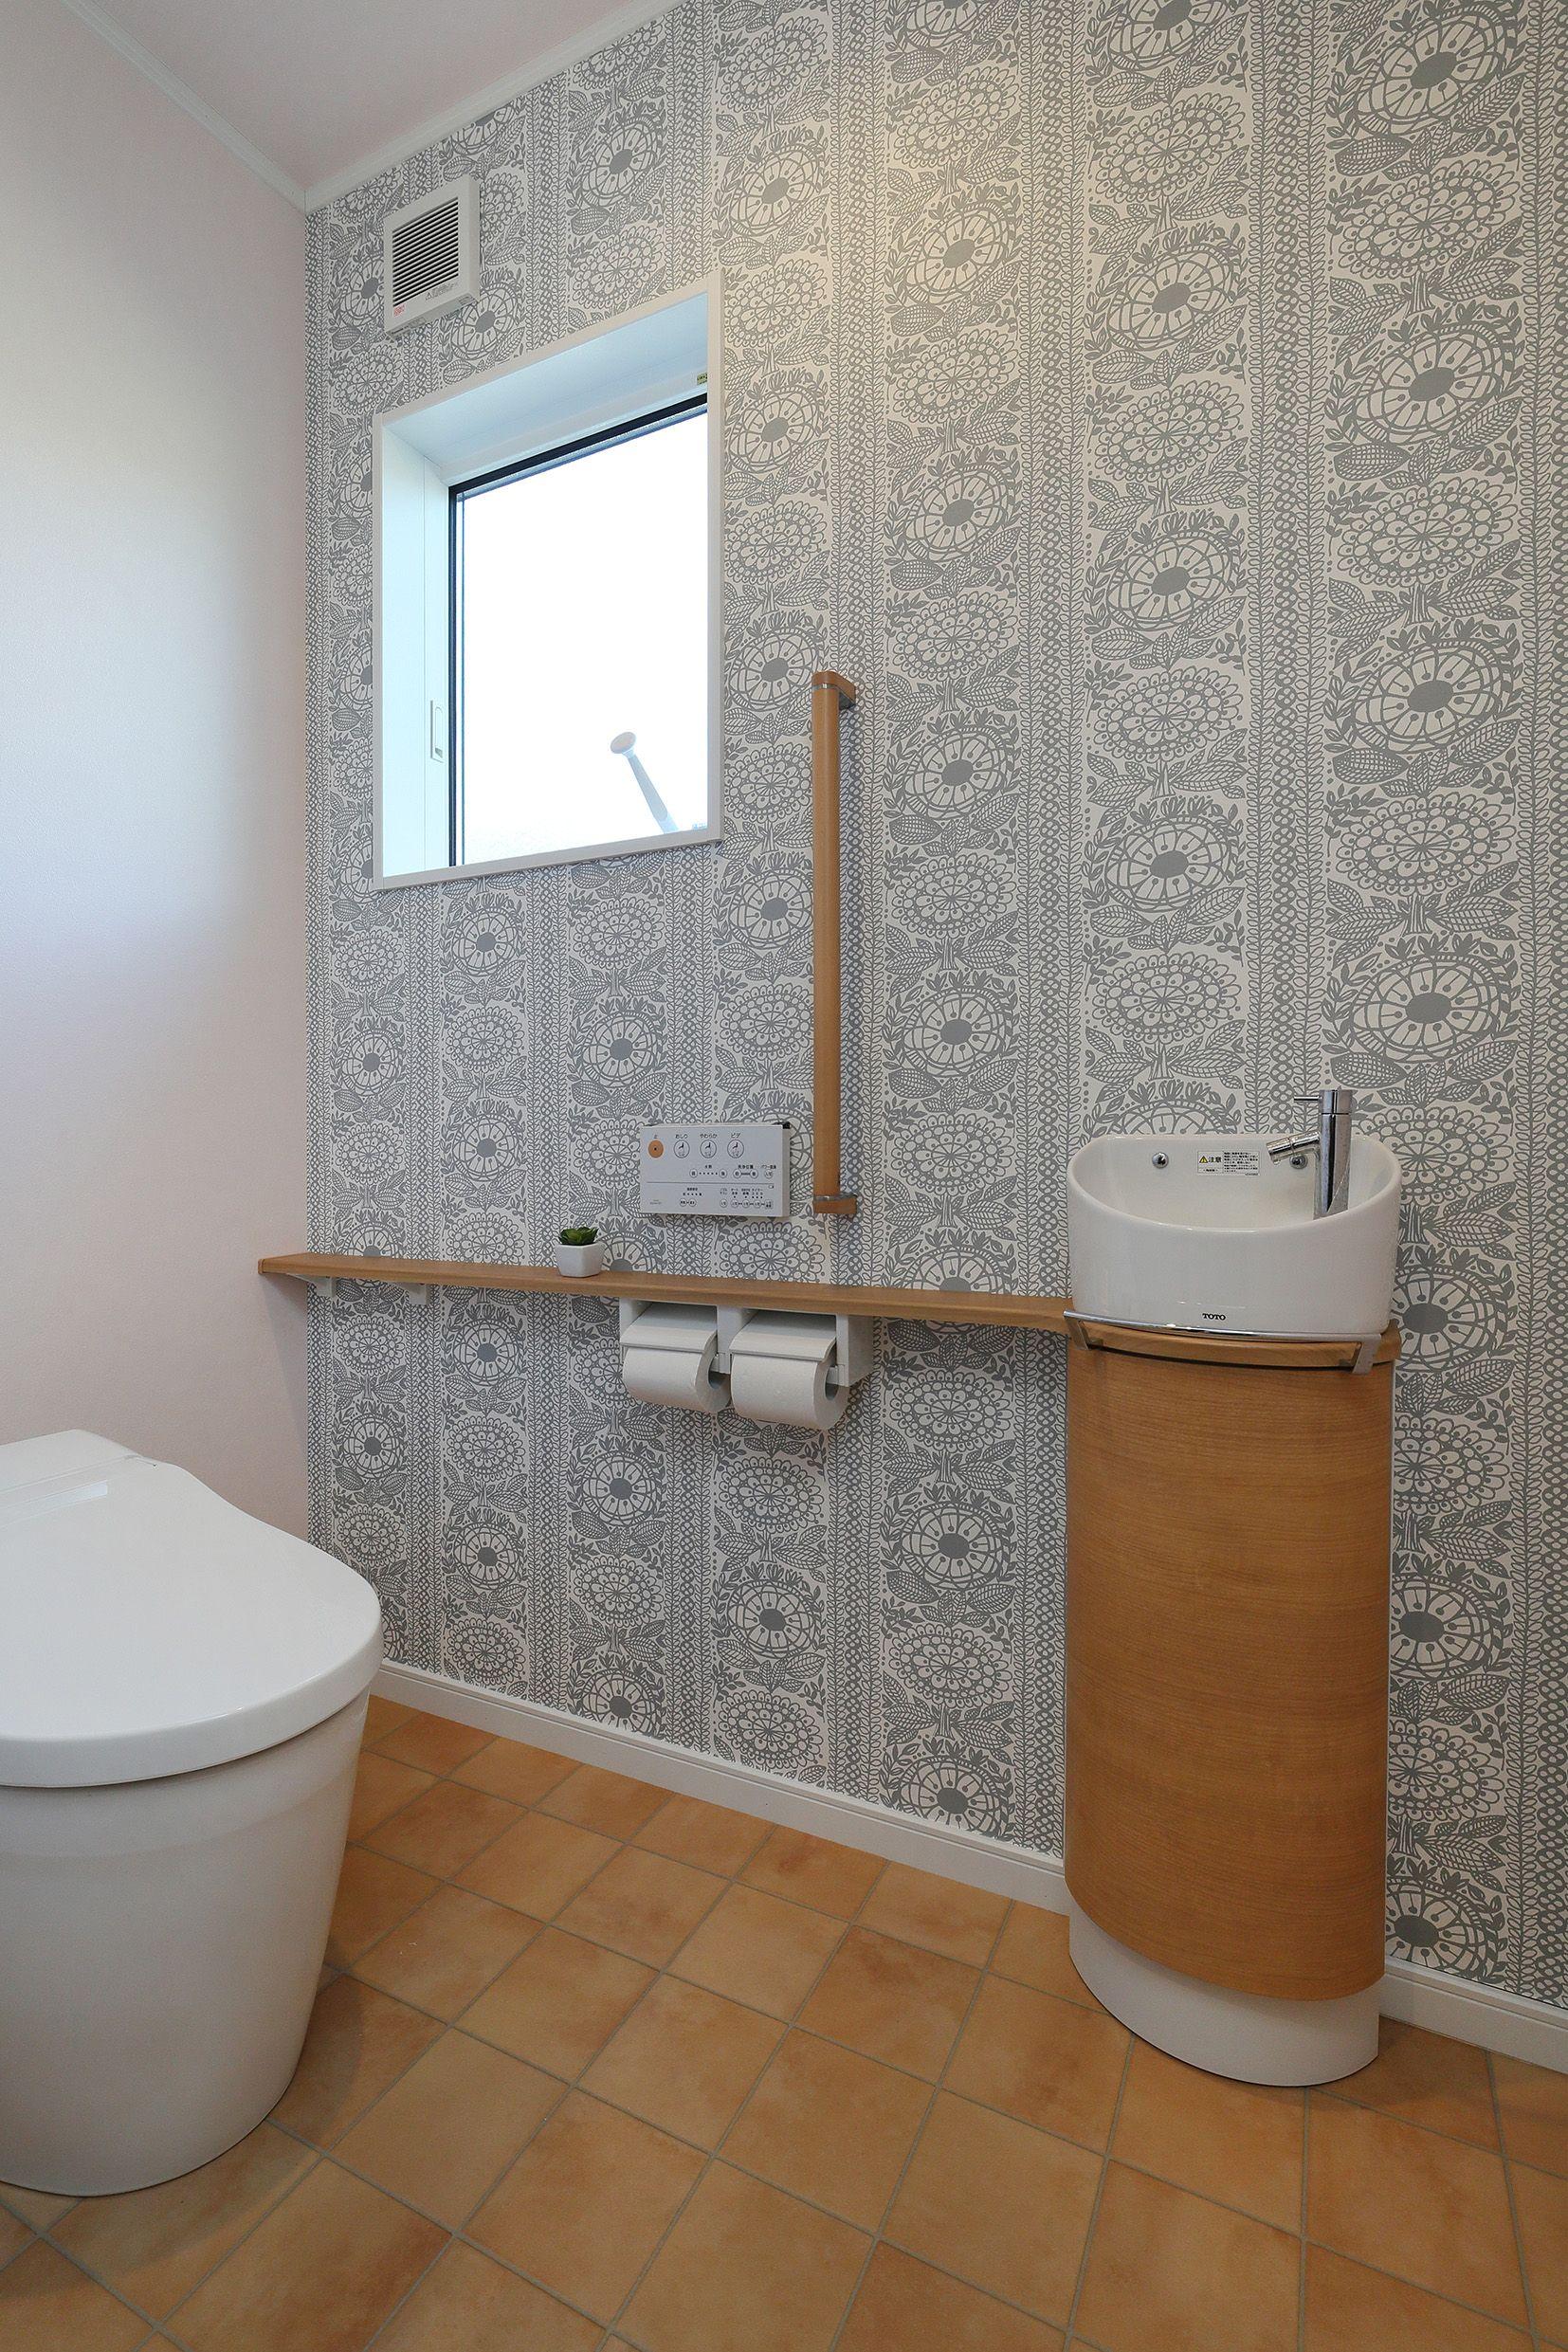 壁クロス サンゲツ Re 2741 トイレ おしゃれ トイレのアイデア トイレ インテリア